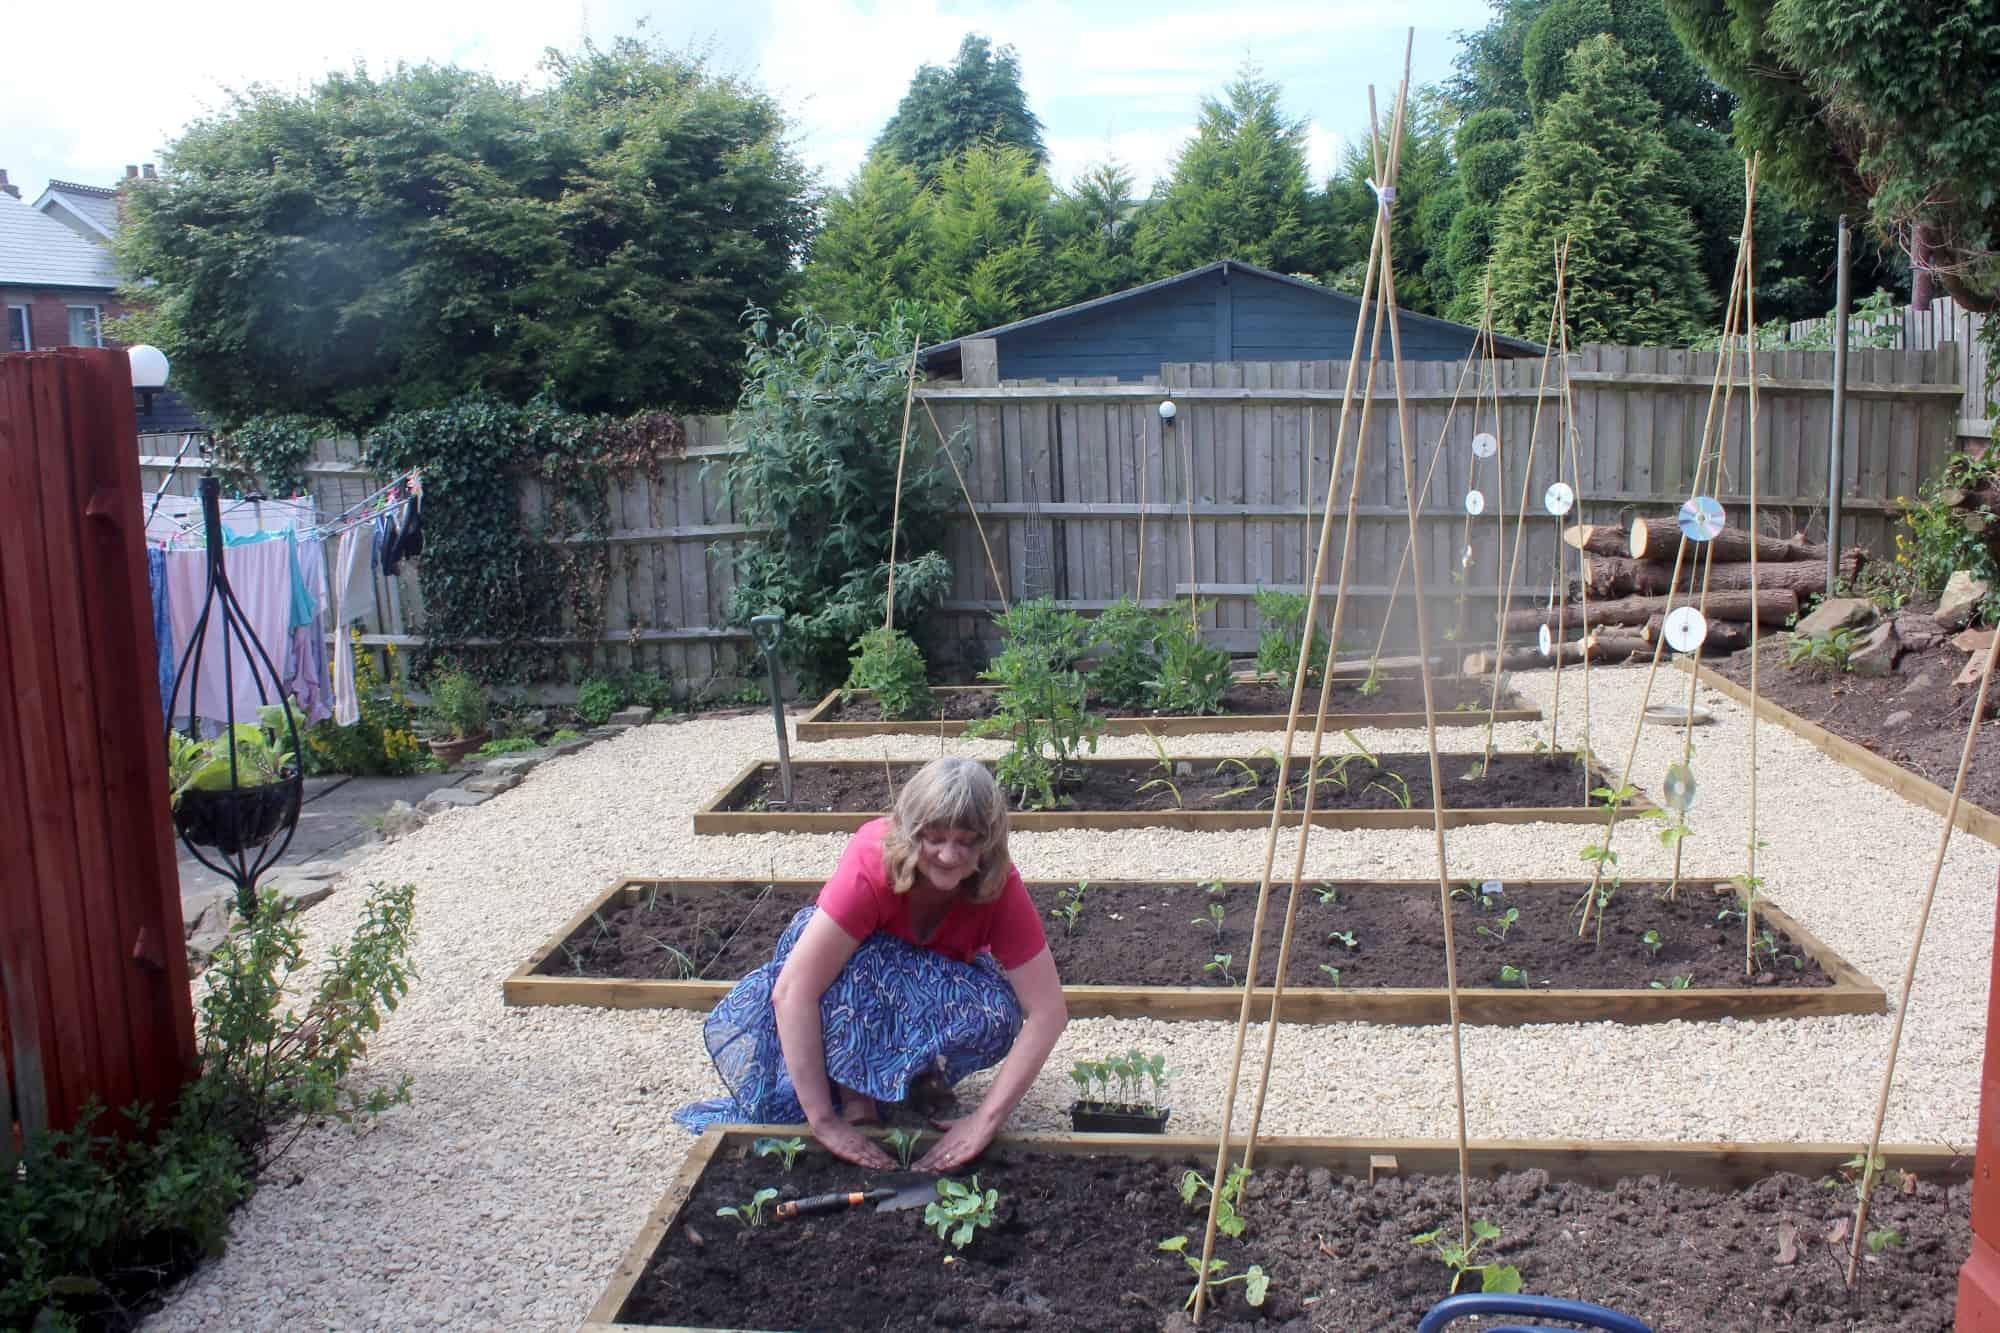 Vanda planting vegetables